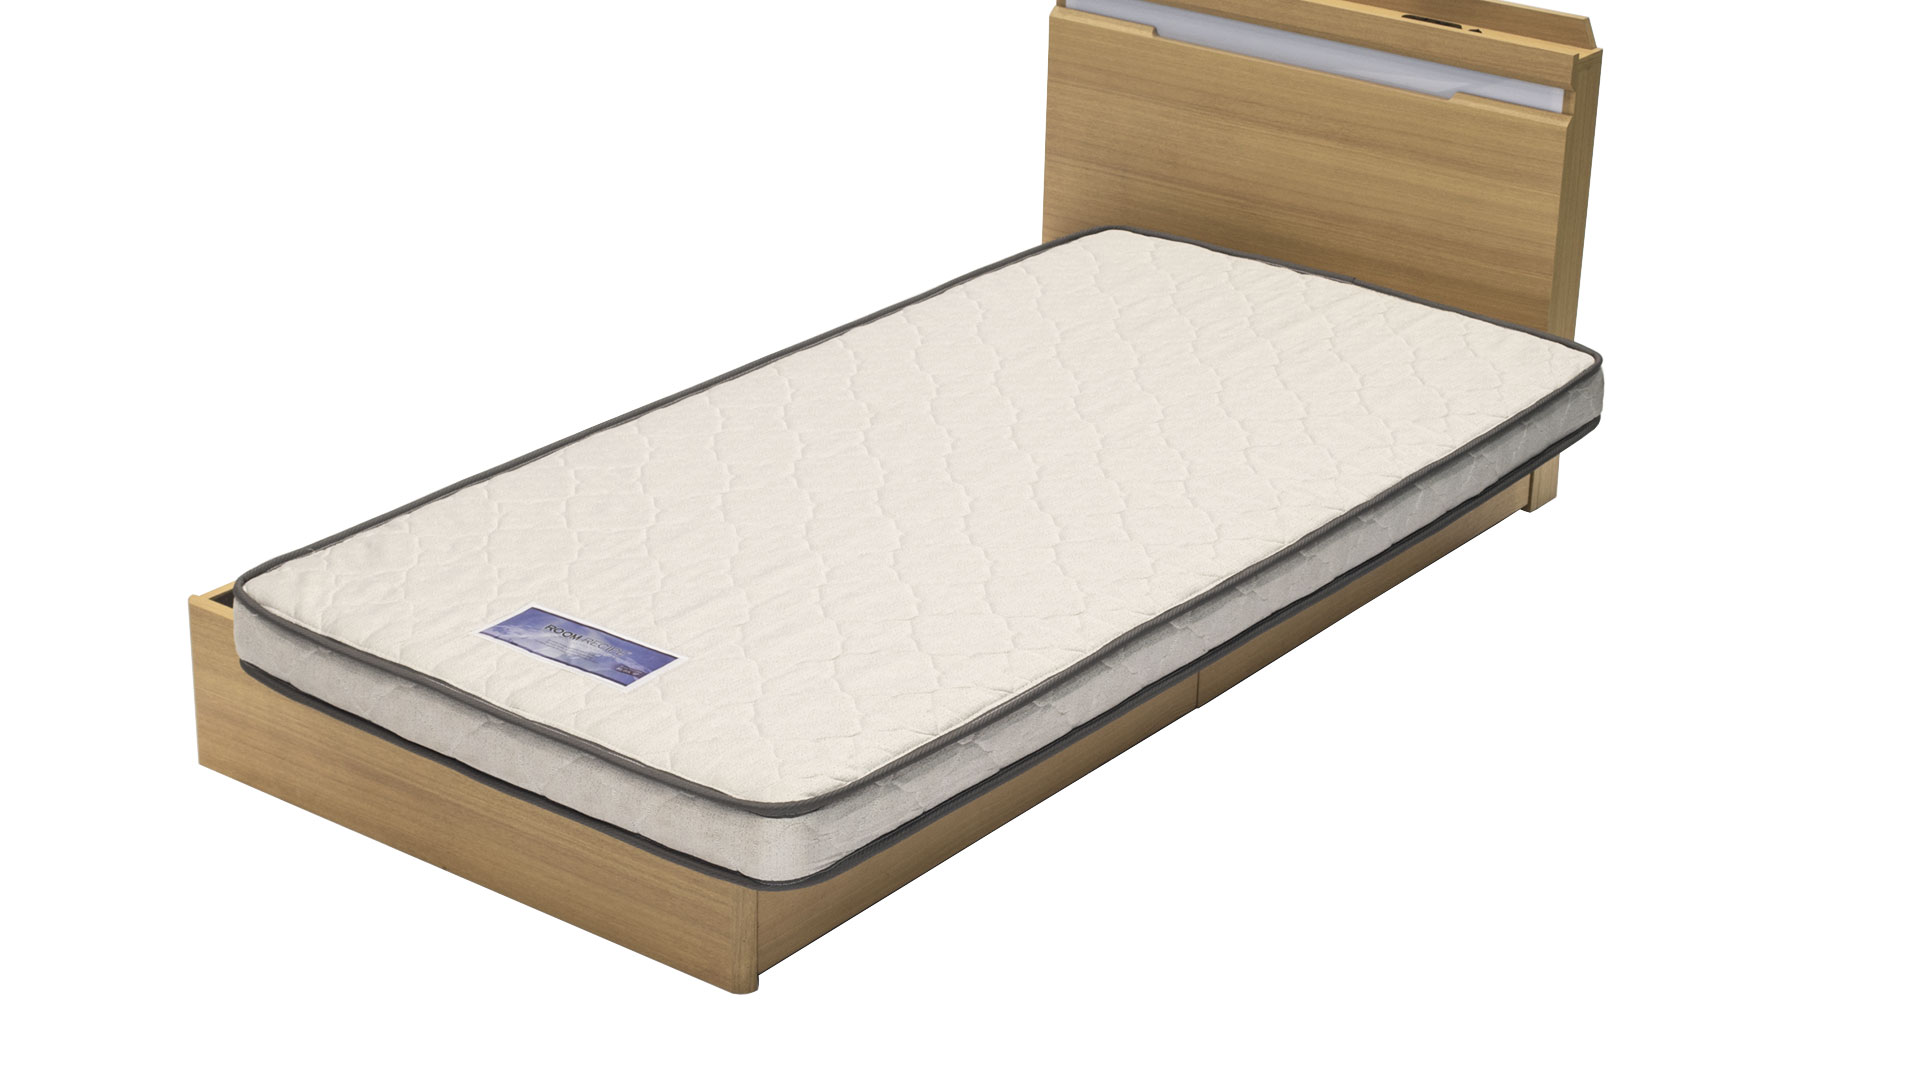 リビンズのS圧縮マットレス「リアムⅡ」のベッドにリアムを乗せたの画像